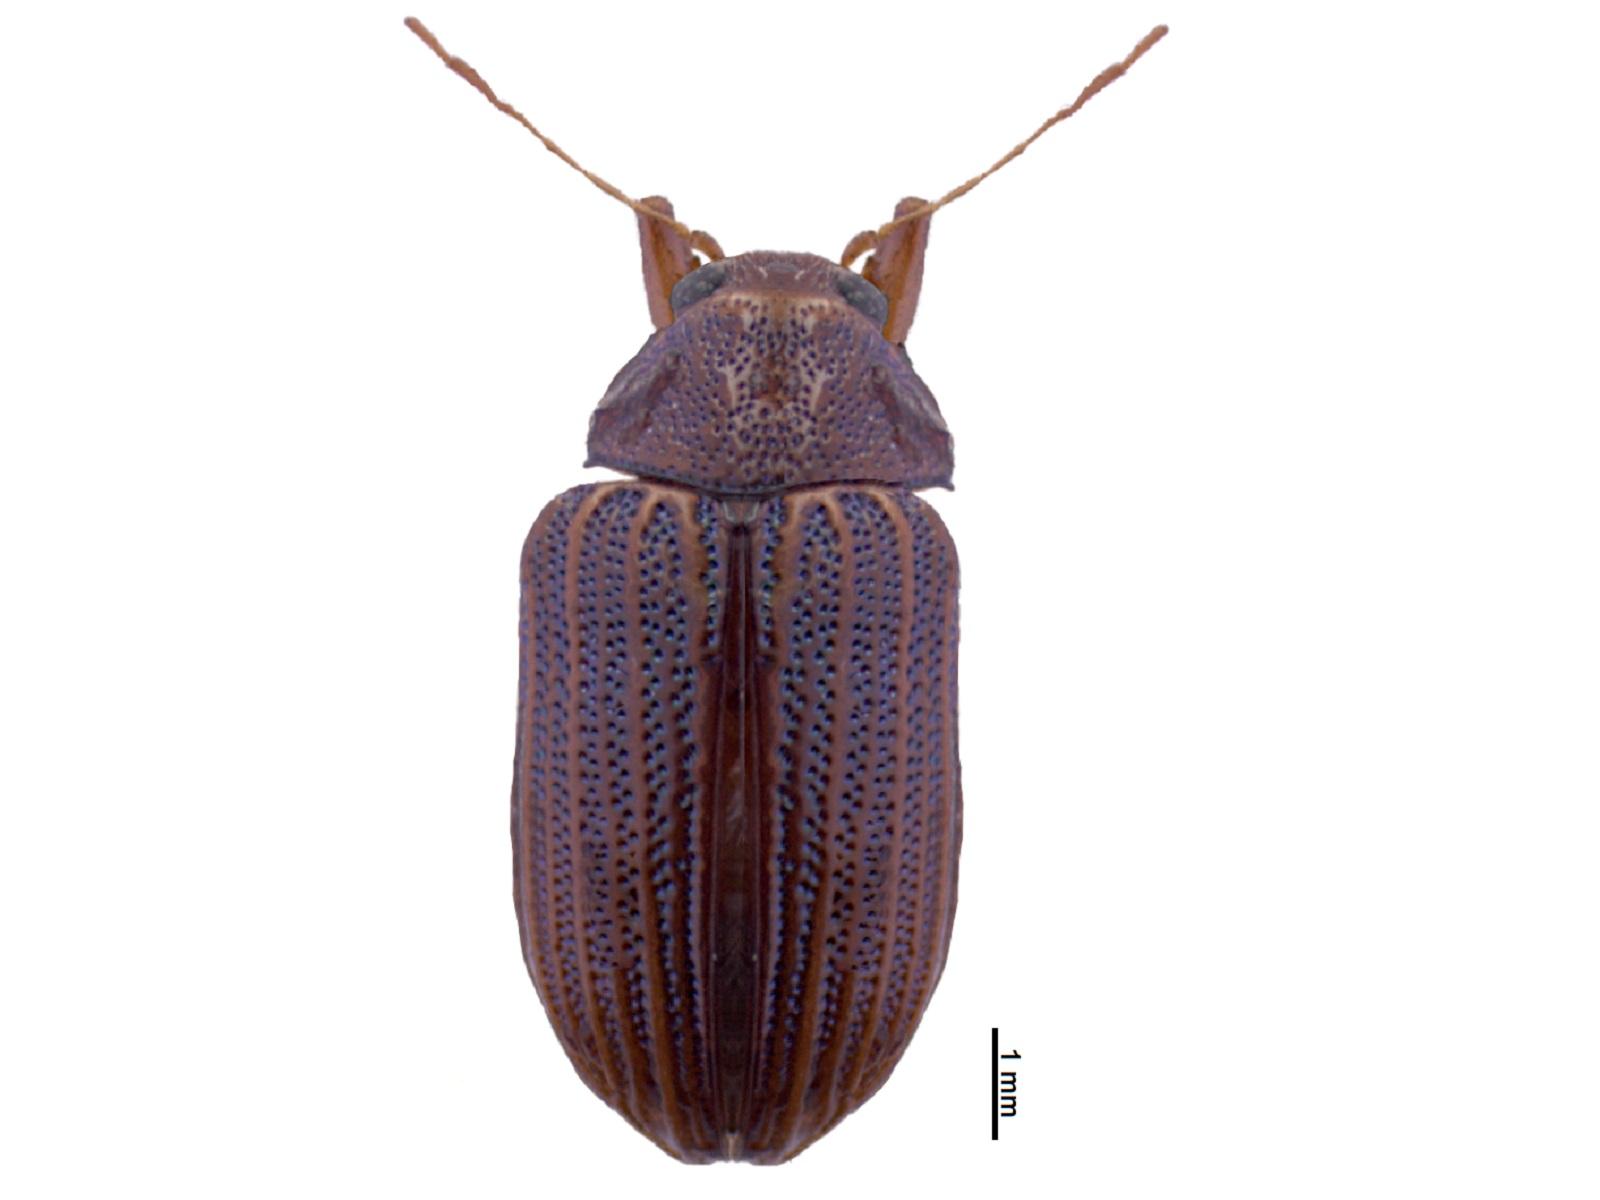 Maecolaspis sp.